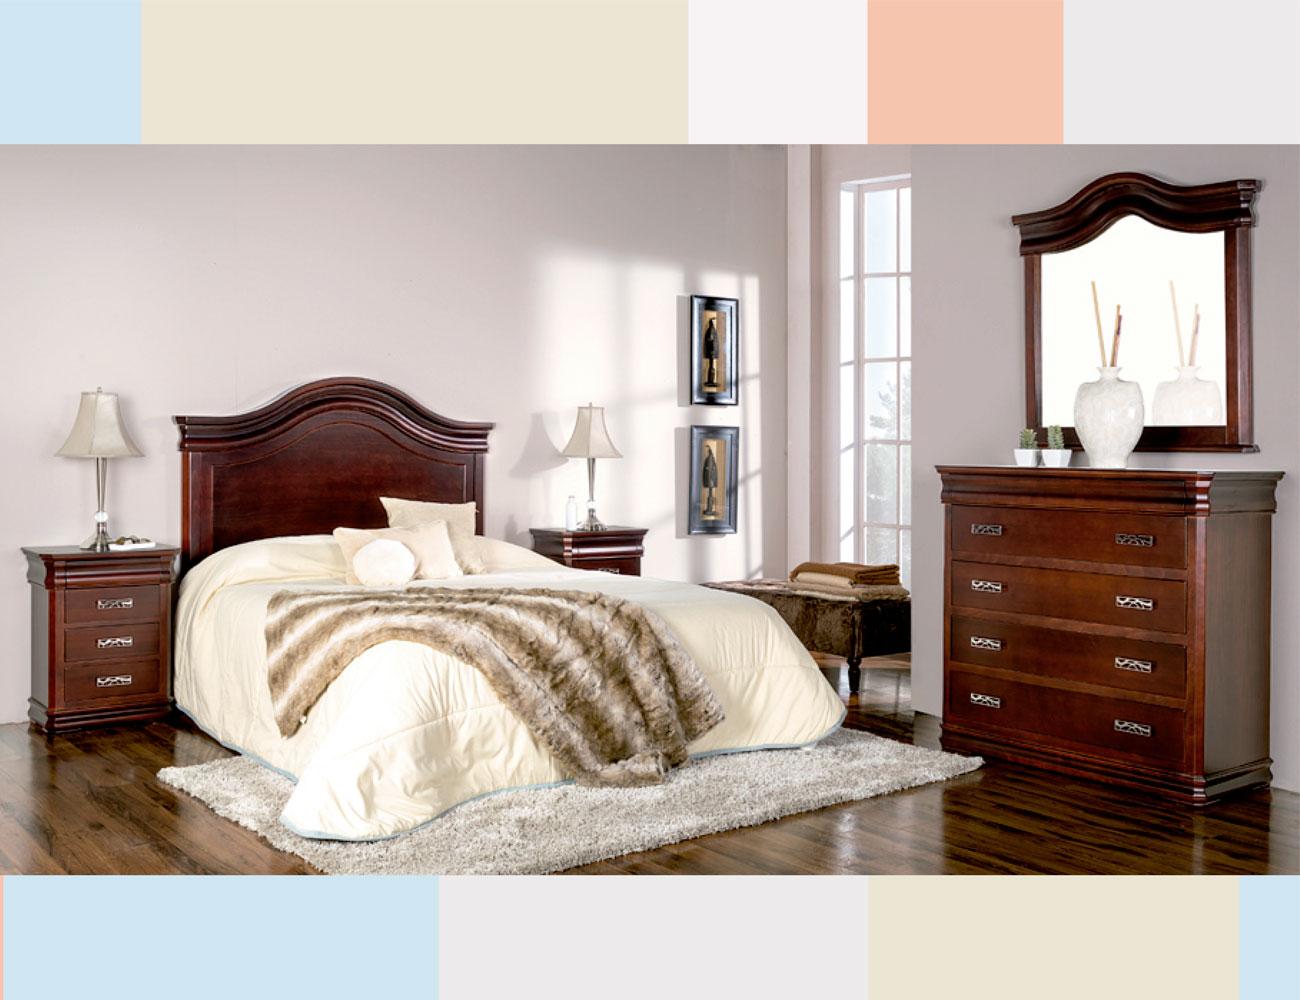 Dormitorio matrimonio cabecero imperio curvo4